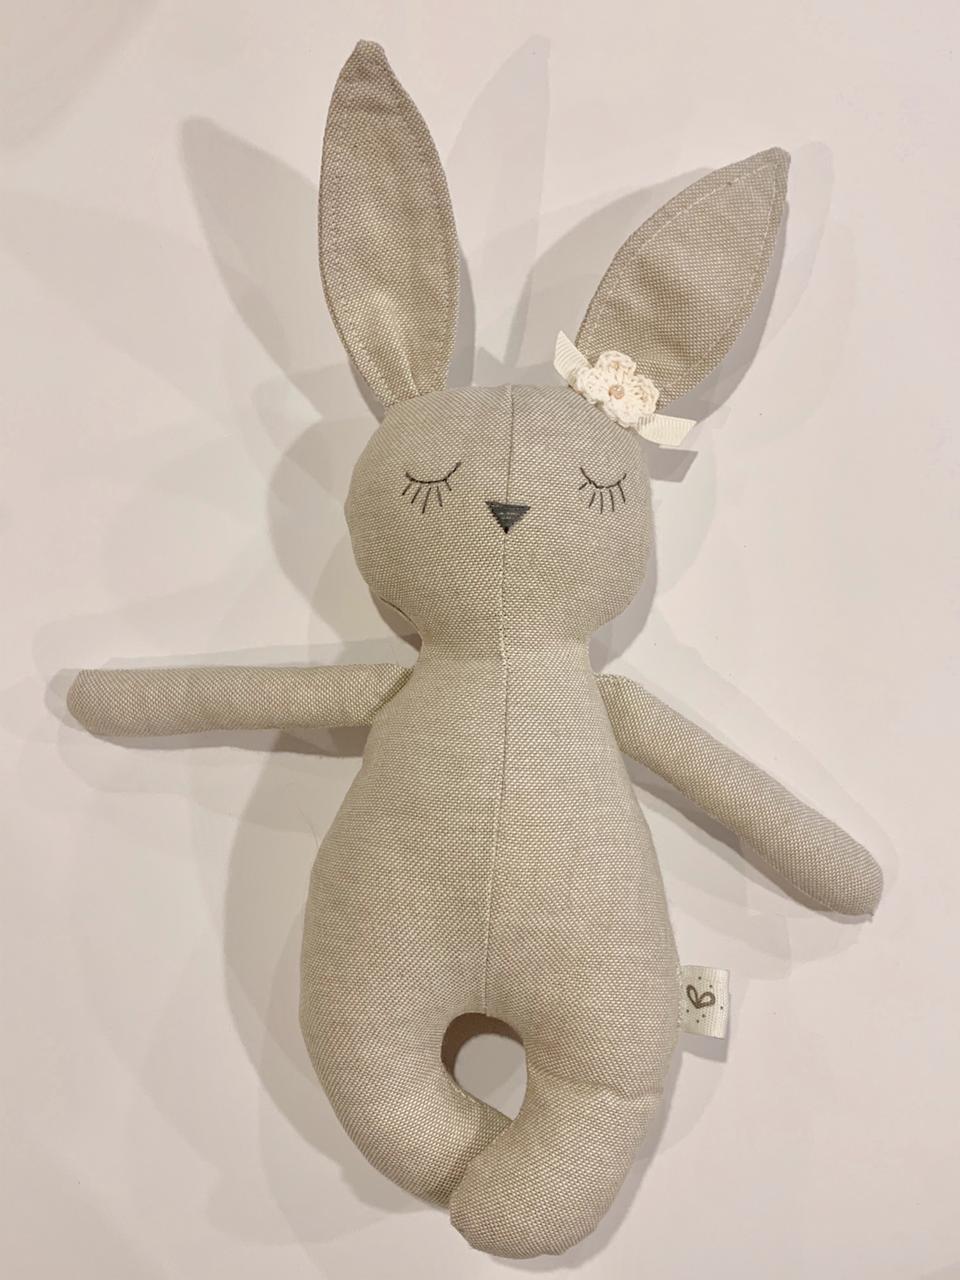 Mini coneja moño beige